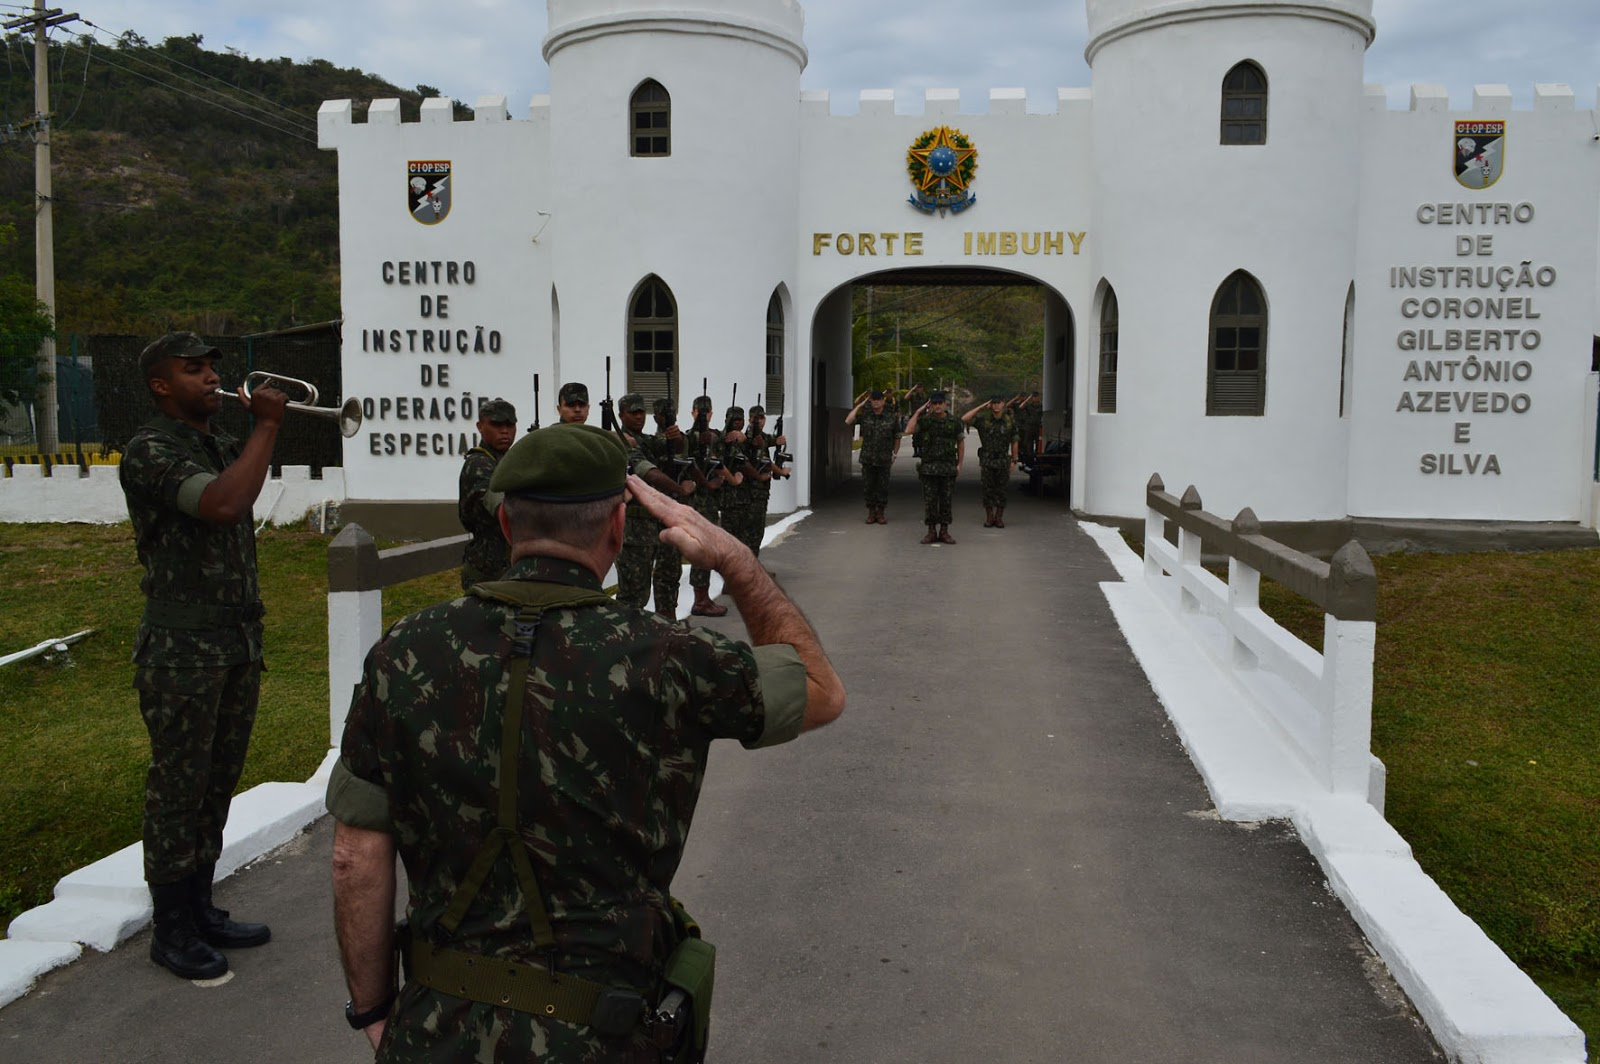 Comando de Operações Especiais (COpEsp) do Exército Brasileiro cdfcd505aa9